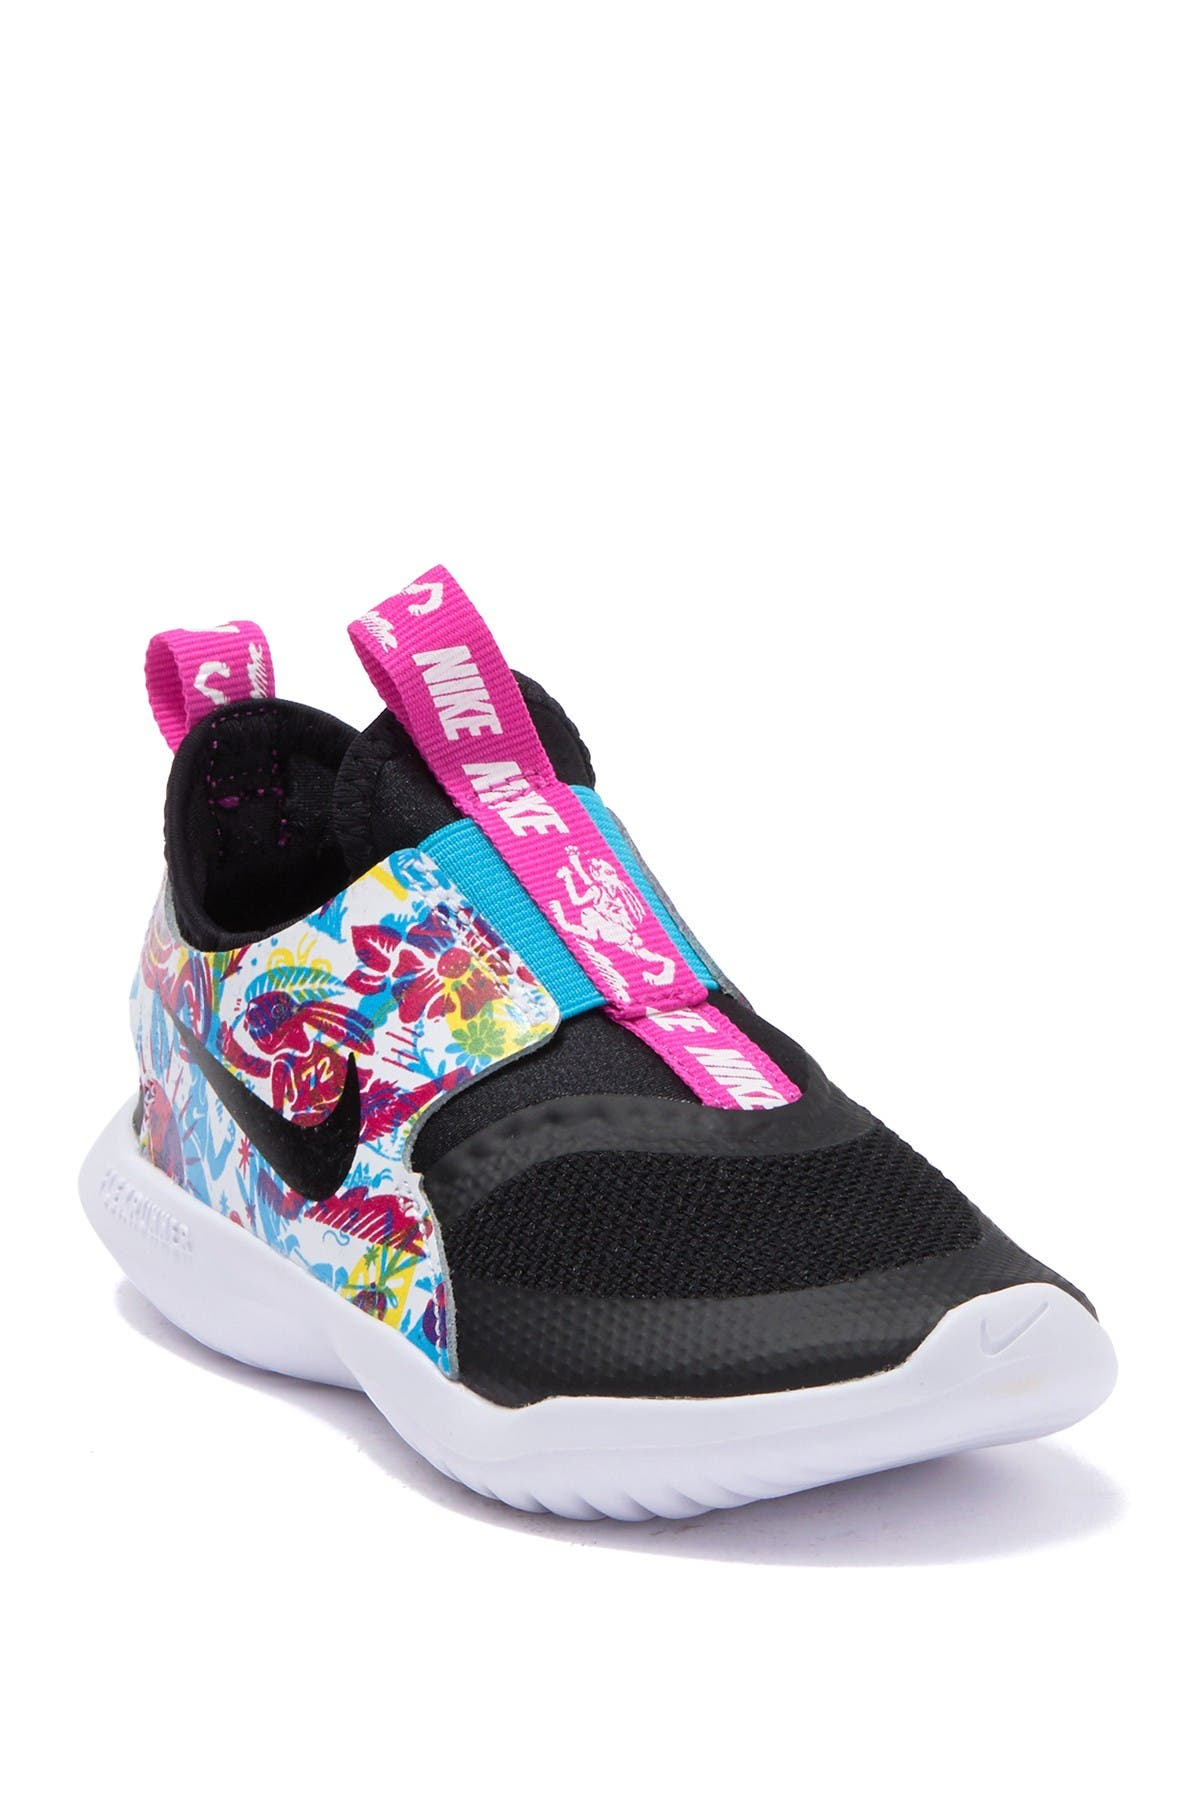 nike flex runner for kids